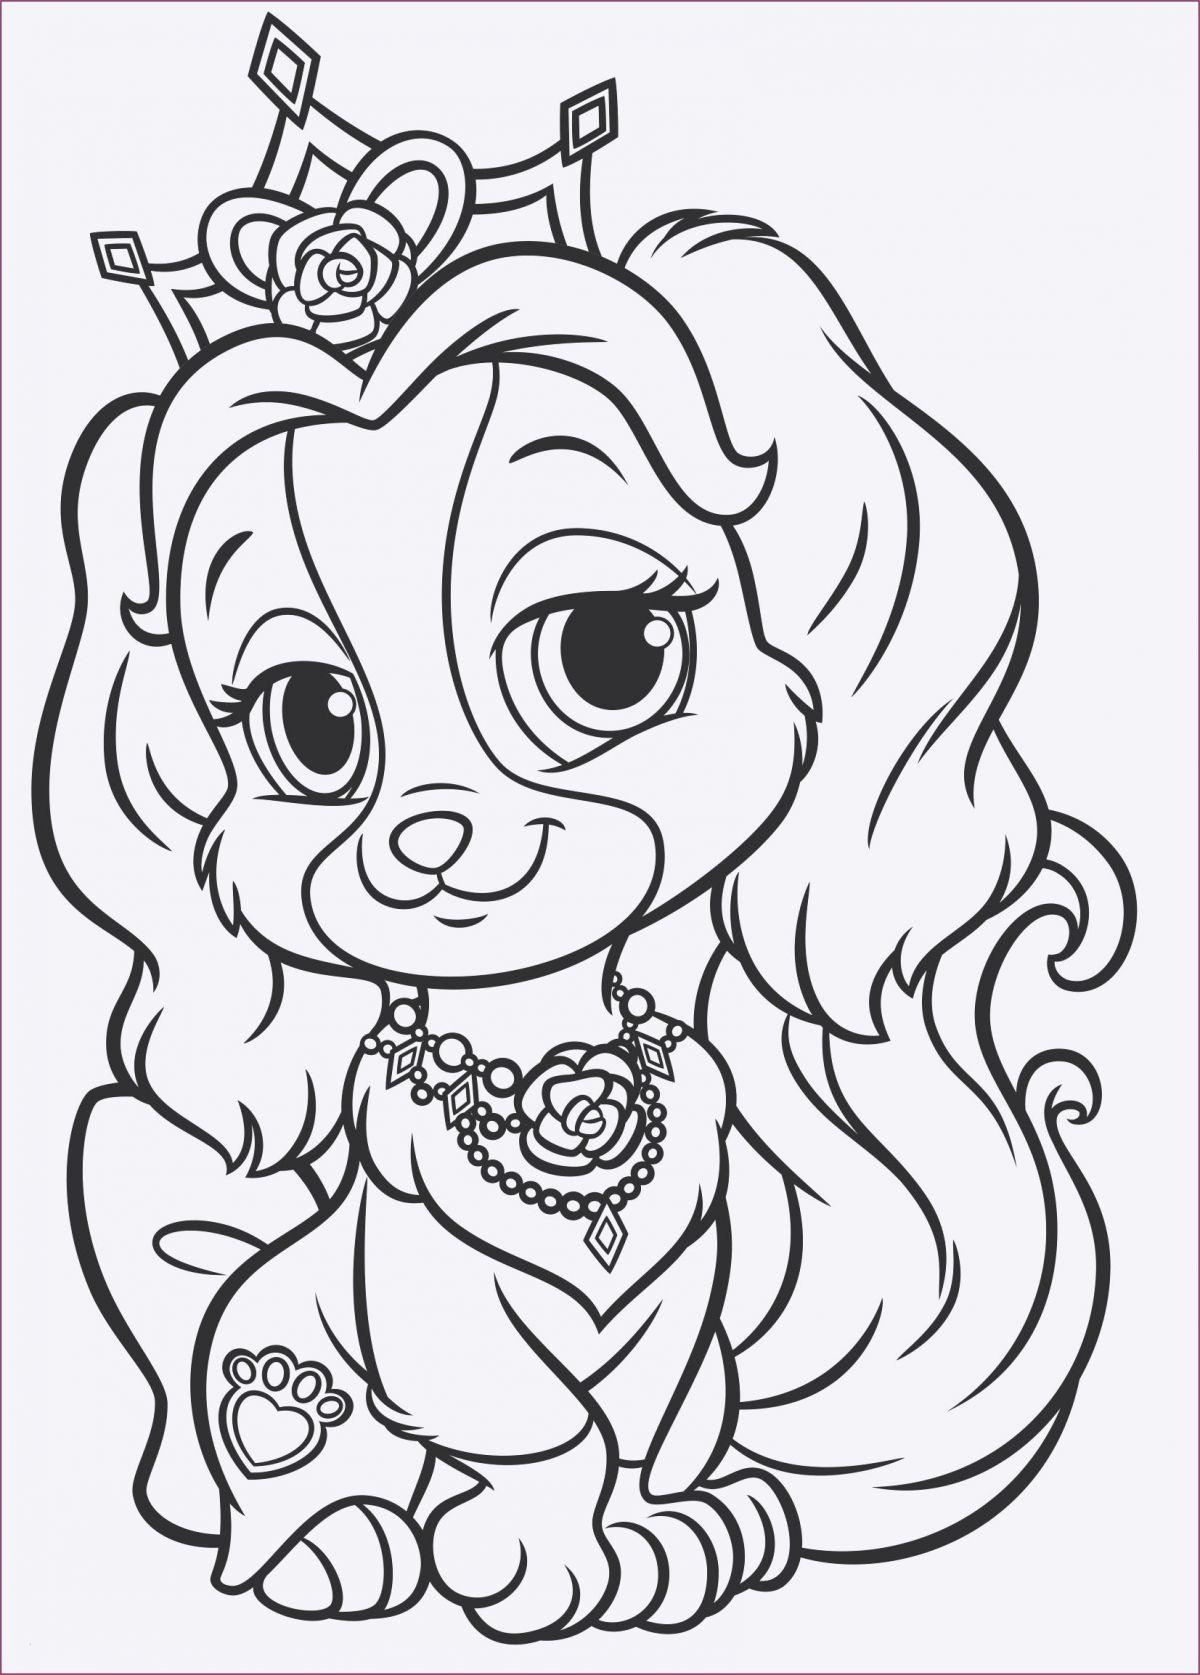 Ausmalbilder Disney Prinzessinnen Einzigartig Ausmalbilder Disney Prinzessinnen Ariel Elegant Malvorlagen Gratis Stock